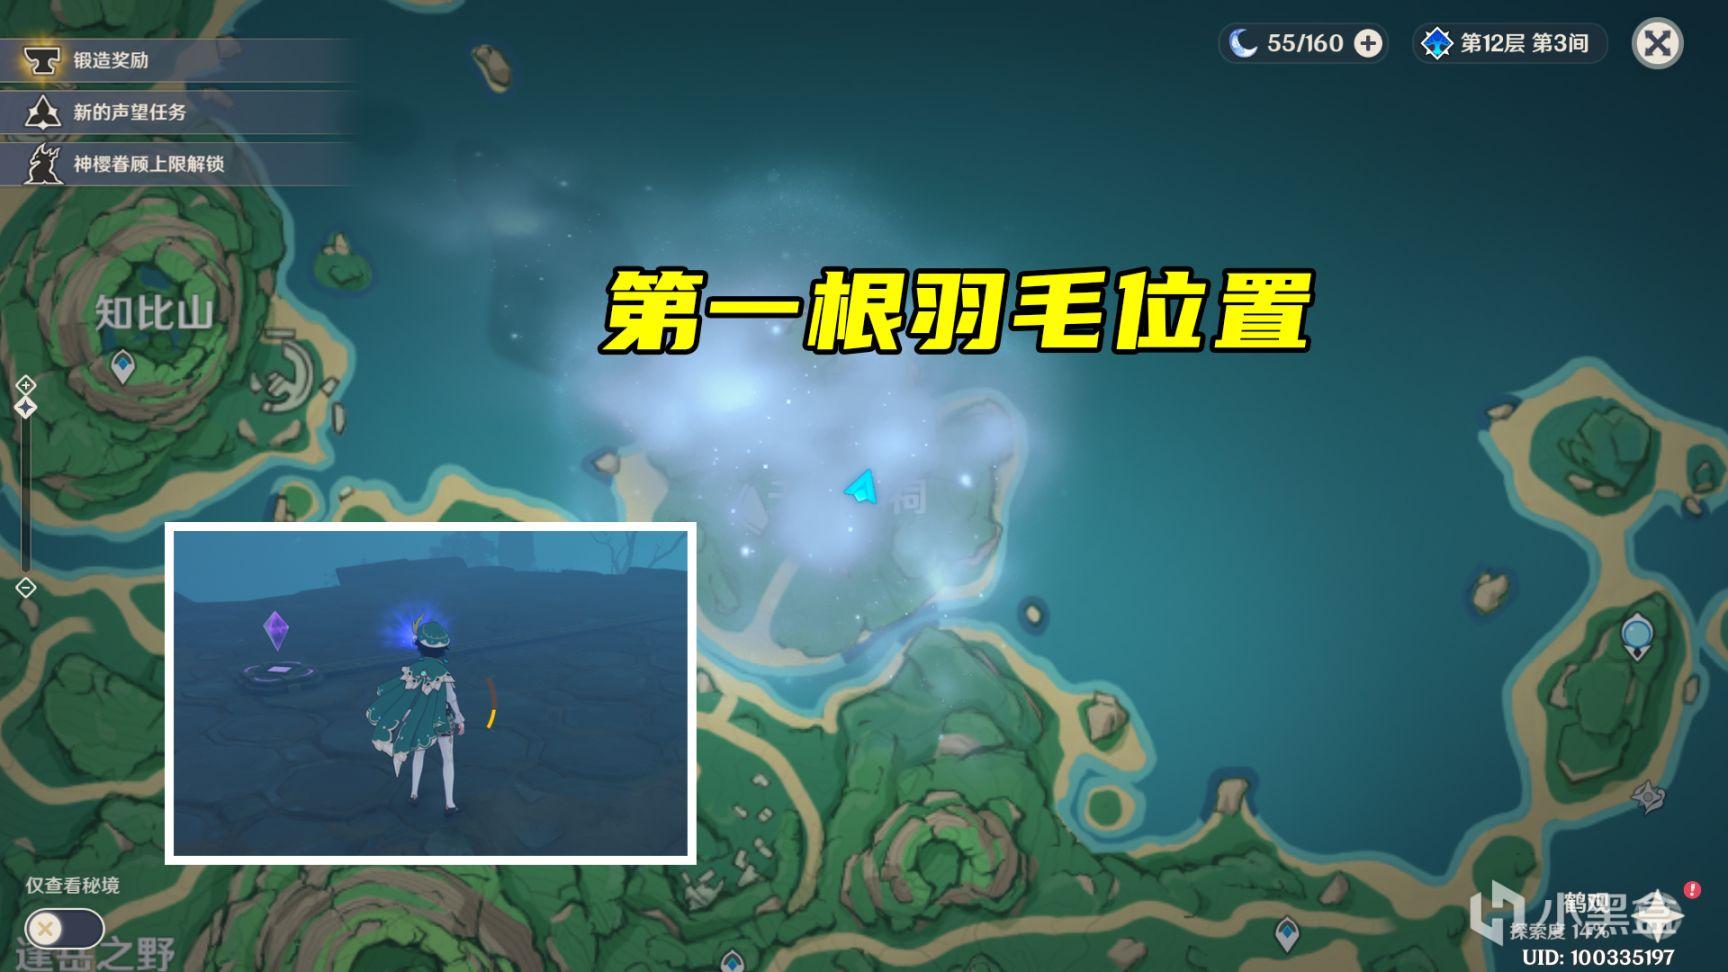 【雾海纪行】最详细的全攻略(多图警告)插图49